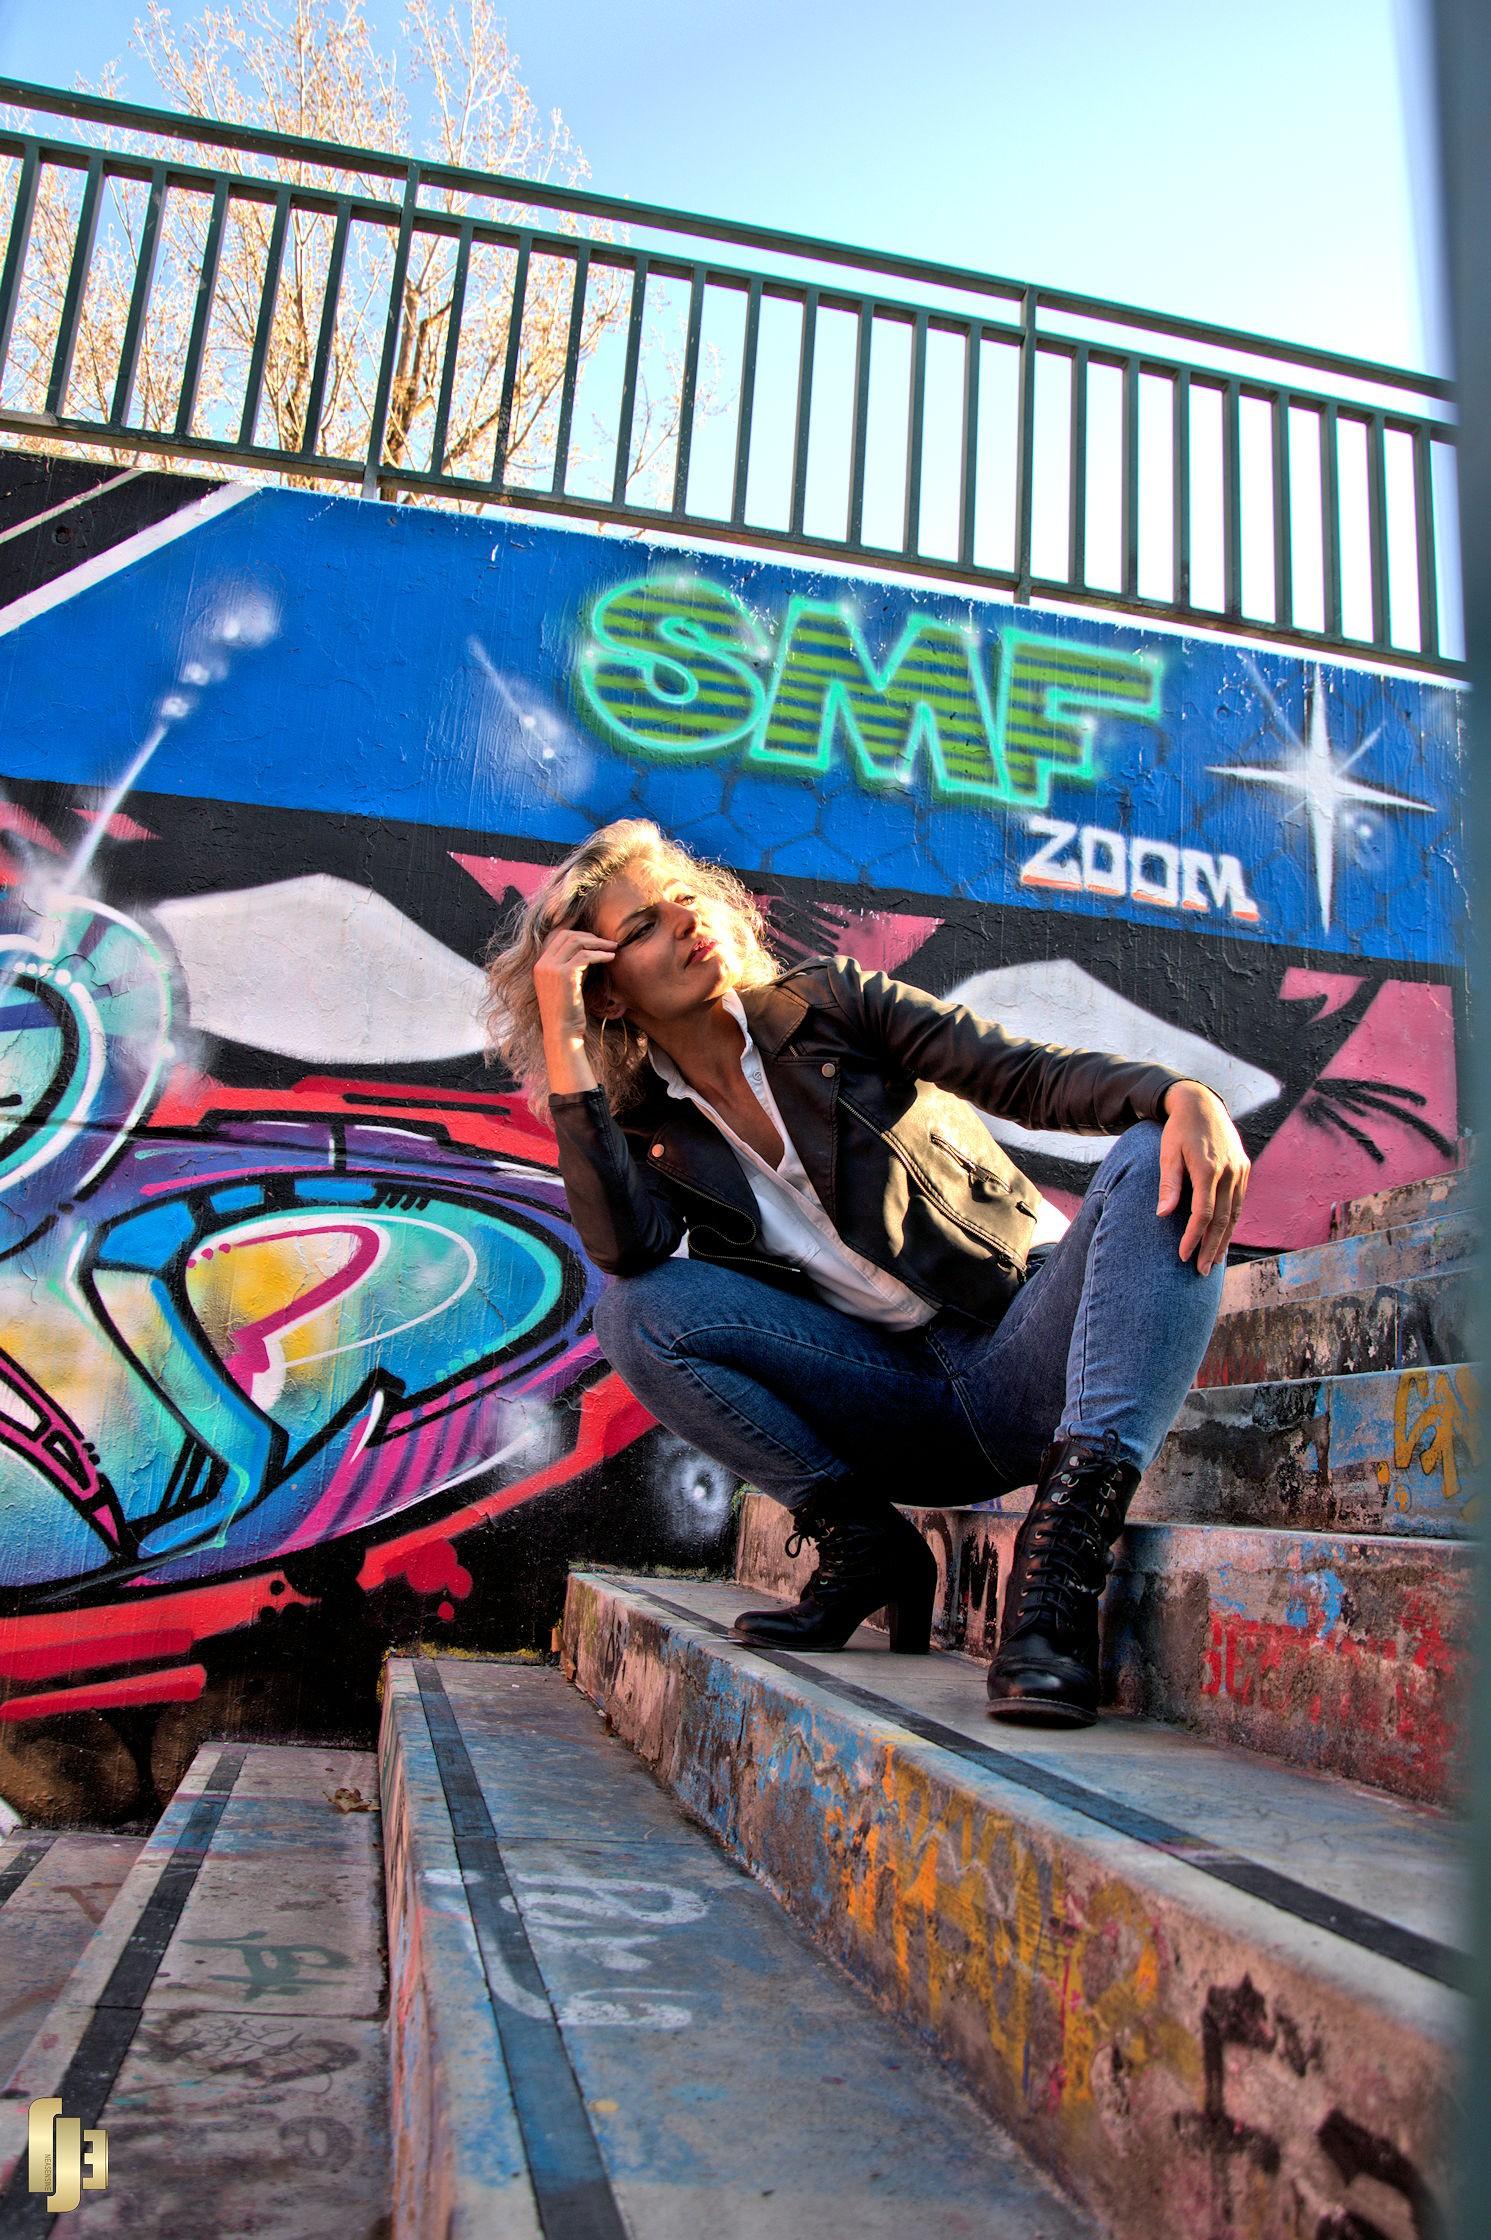 Rock n'Roll attitude